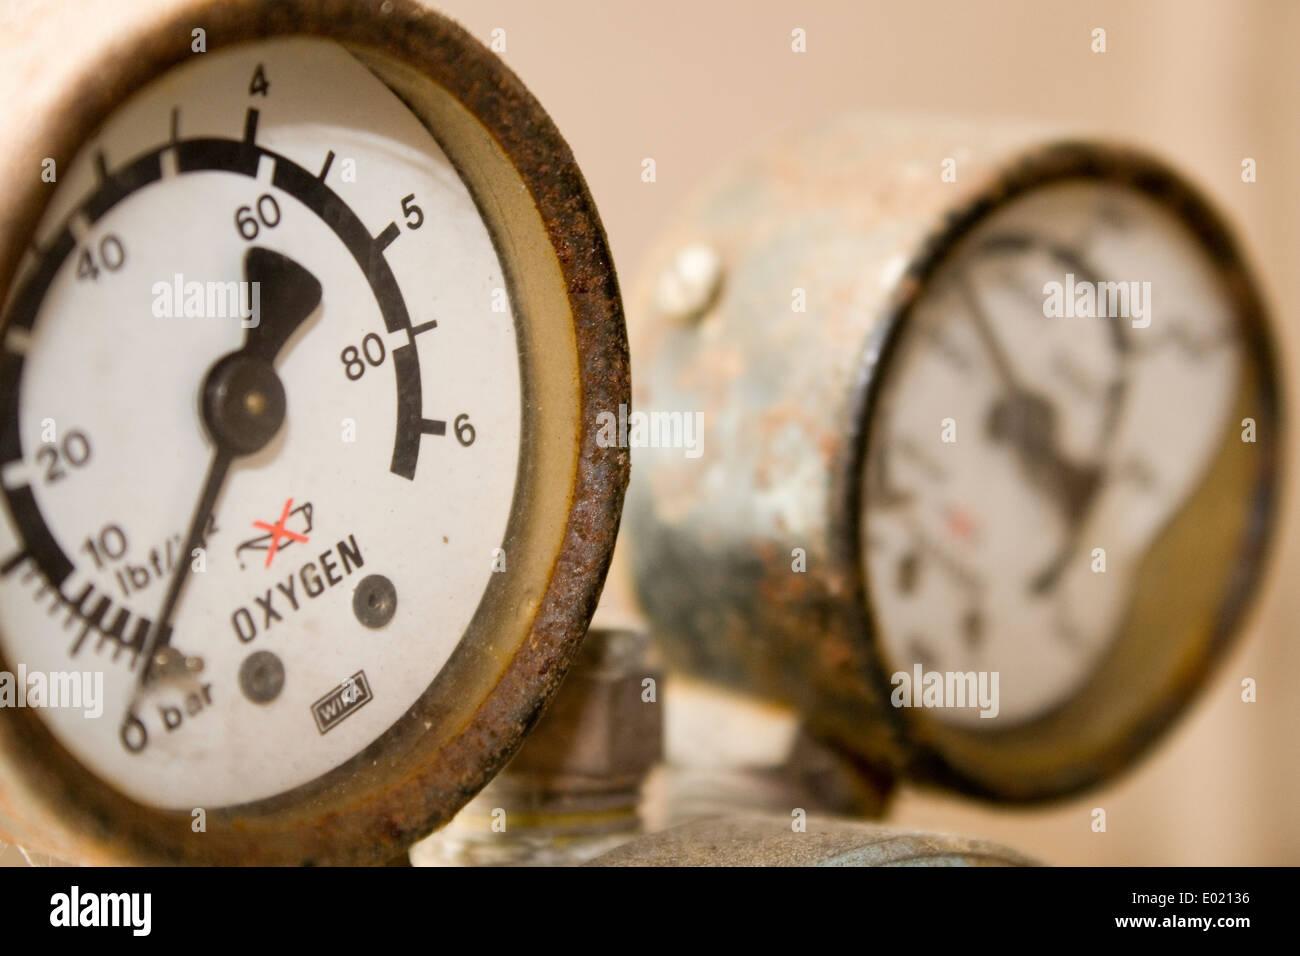 Sonda de oxigénio a antiga gages em um regulador Imagens de Stock